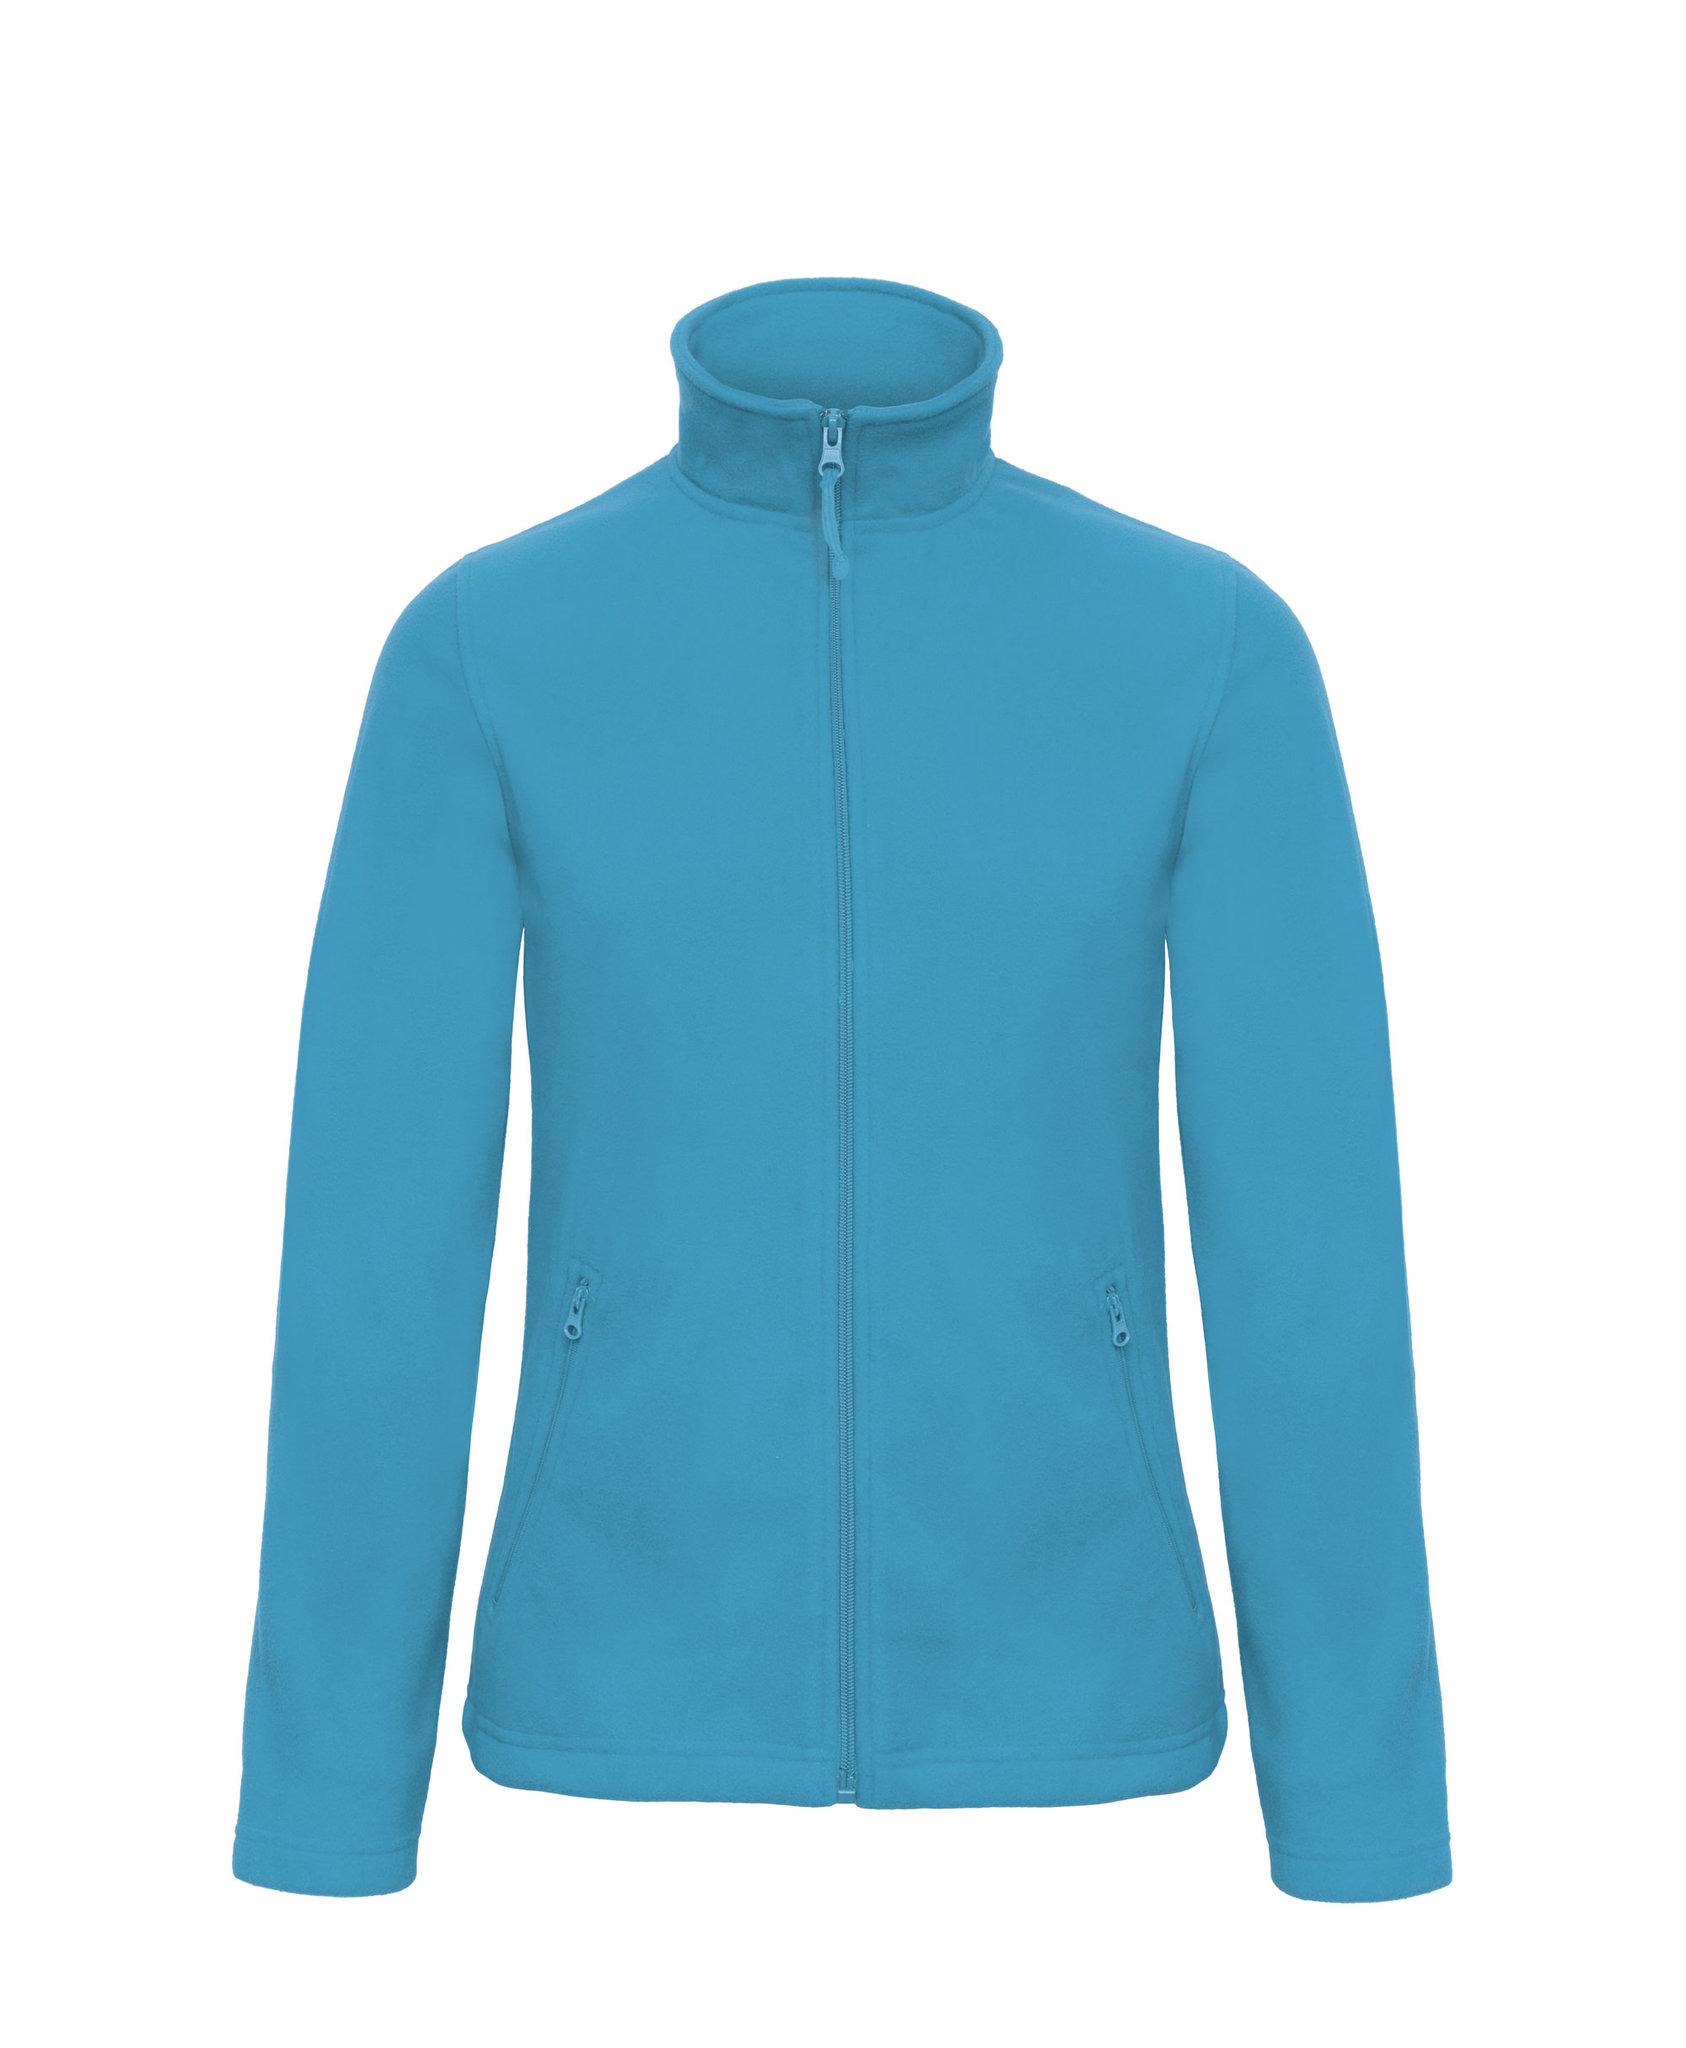 Veste polaire personnalisable Fleece - cadeau d'entreprise pour femme